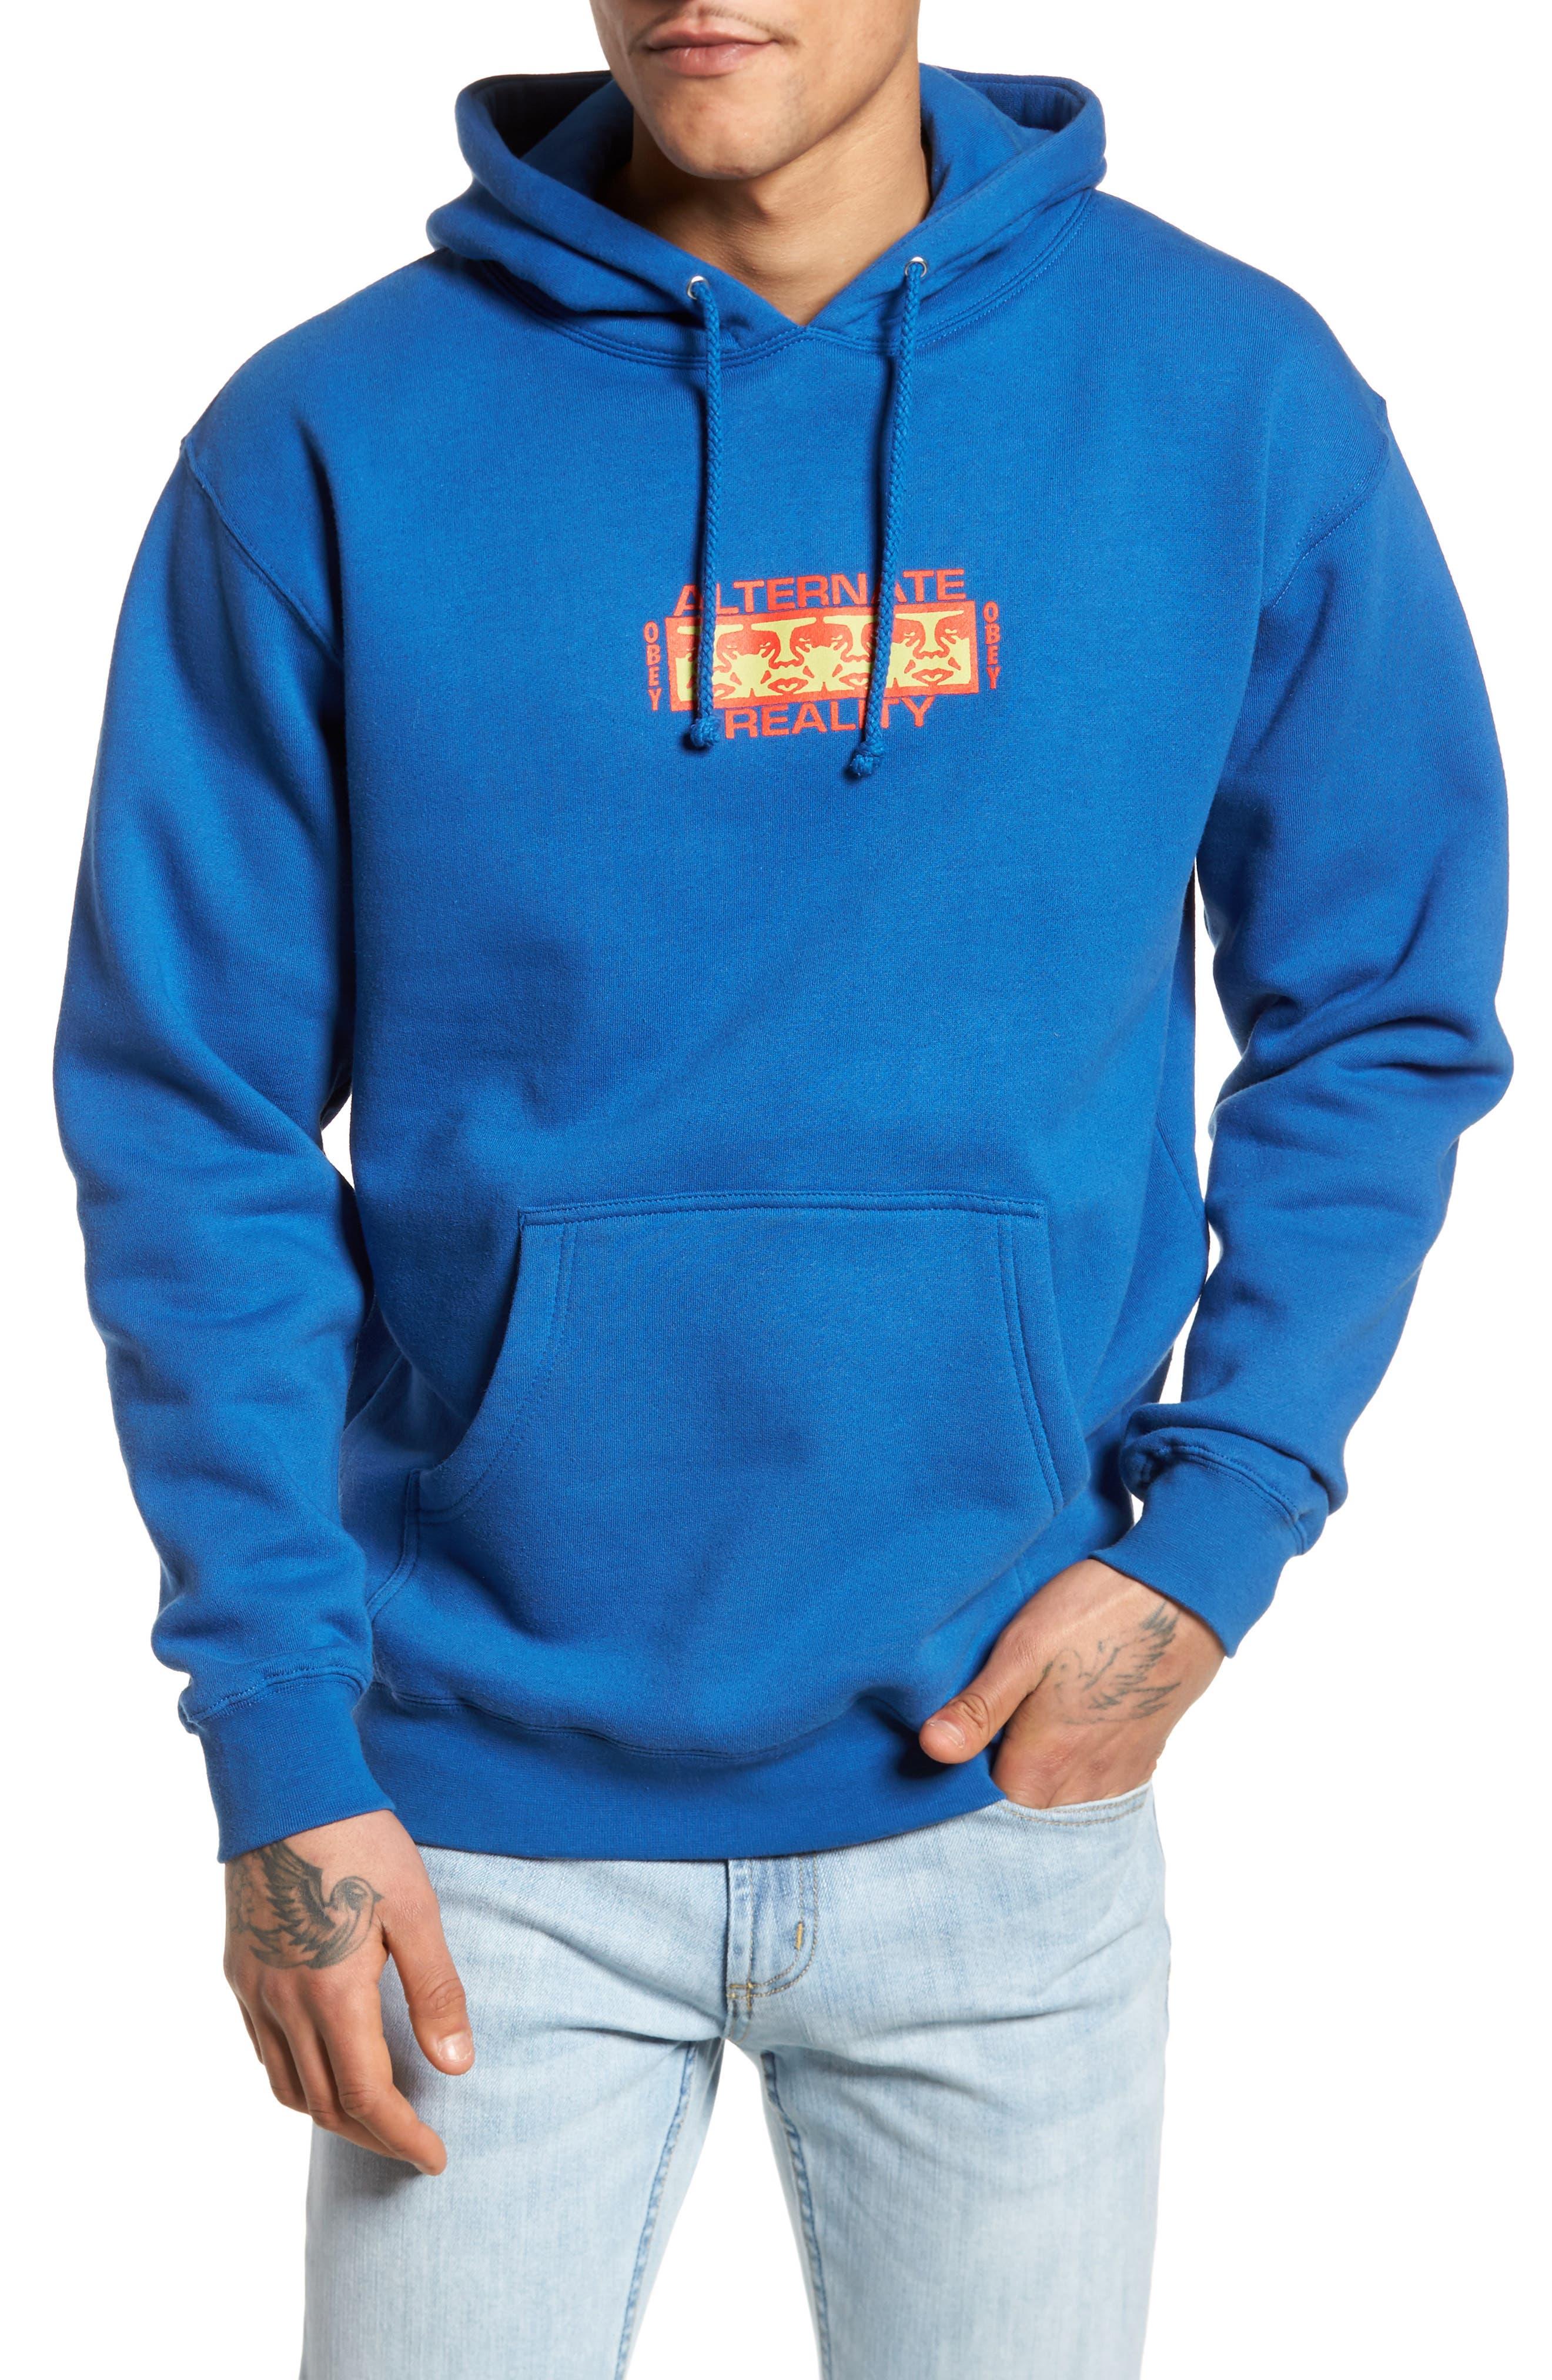 Obey Alternate Reality Hoodie Sweatshirt